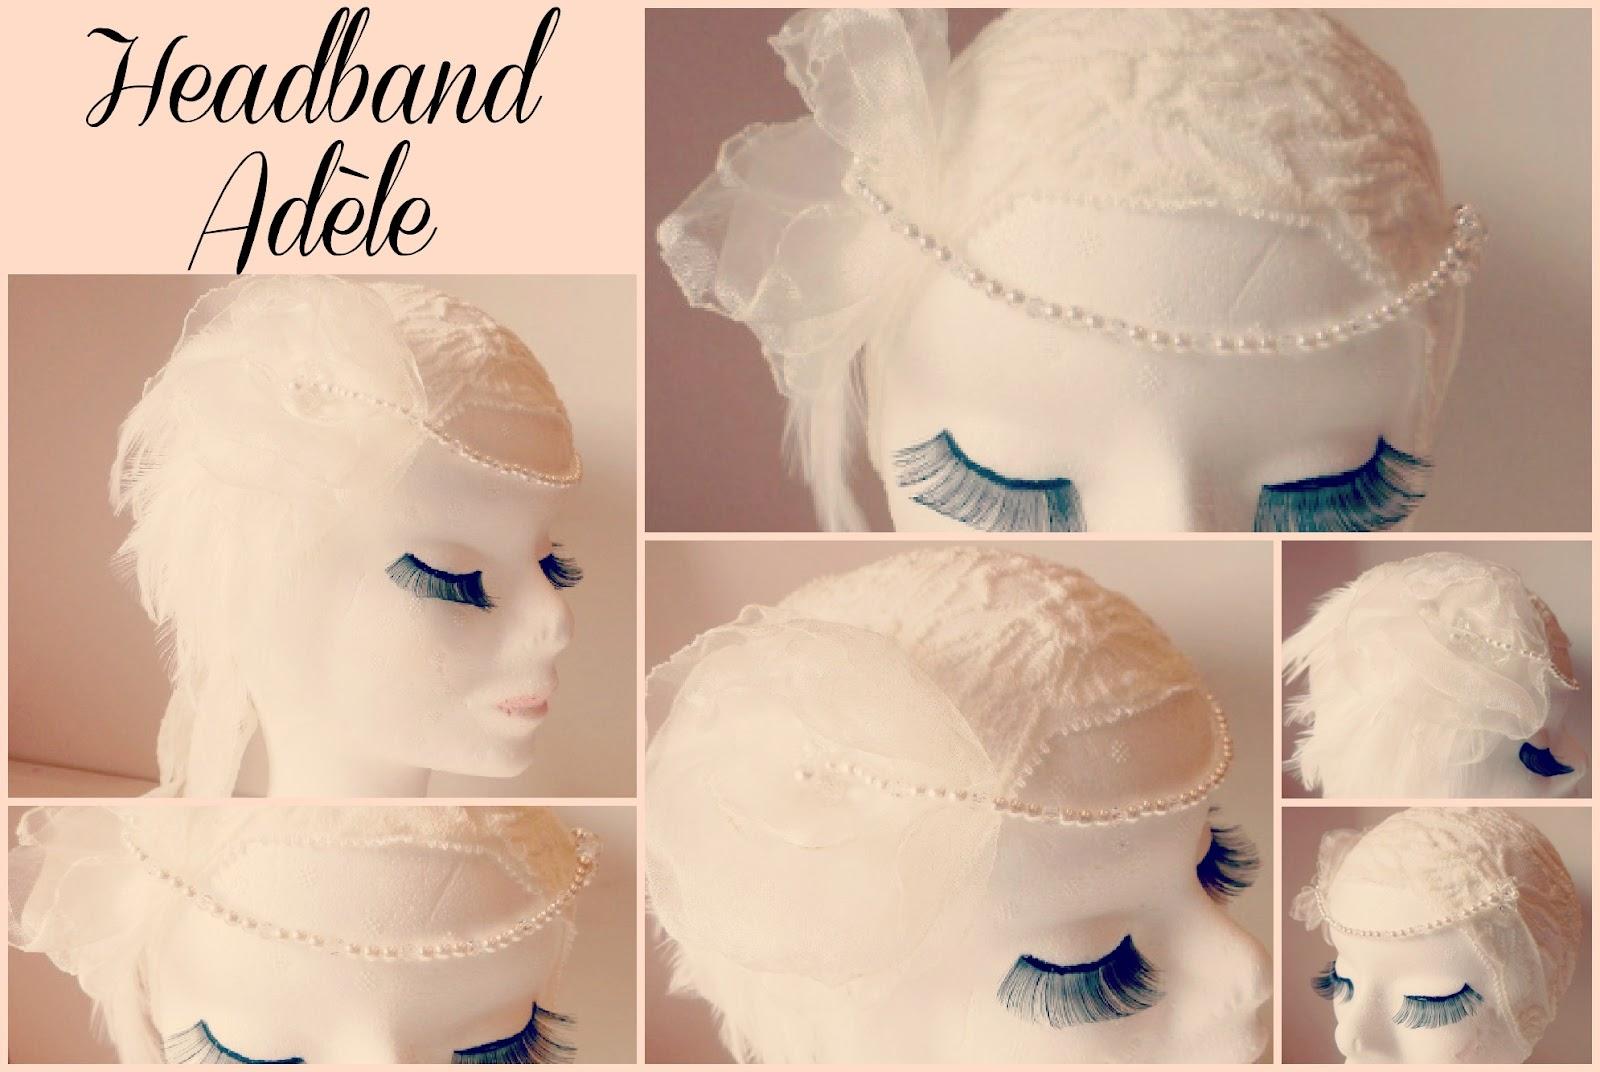 http://3.bp.blogspot.com/-Pbg44Y-PkMA/UGFlD-t16xI/AAAAAAAACOA/wVLm-7ZsU1I/s1600/headband+ad%C3%A8le.jpg